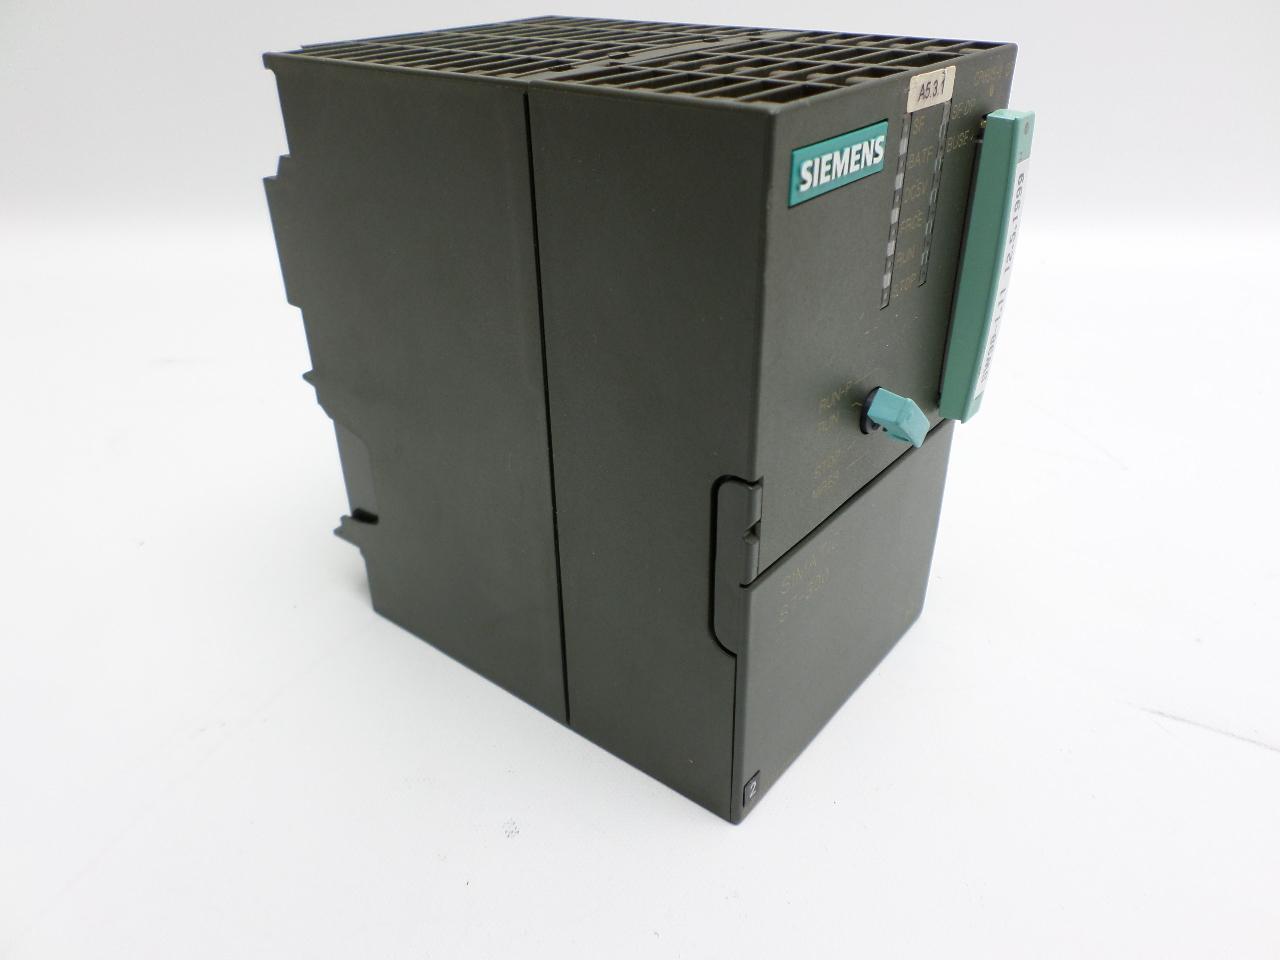 siemen simatic s7 300 6es7 315 2af02 0ab0 with memory card. Black Bedroom Furniture Sets. Home Design Ideas